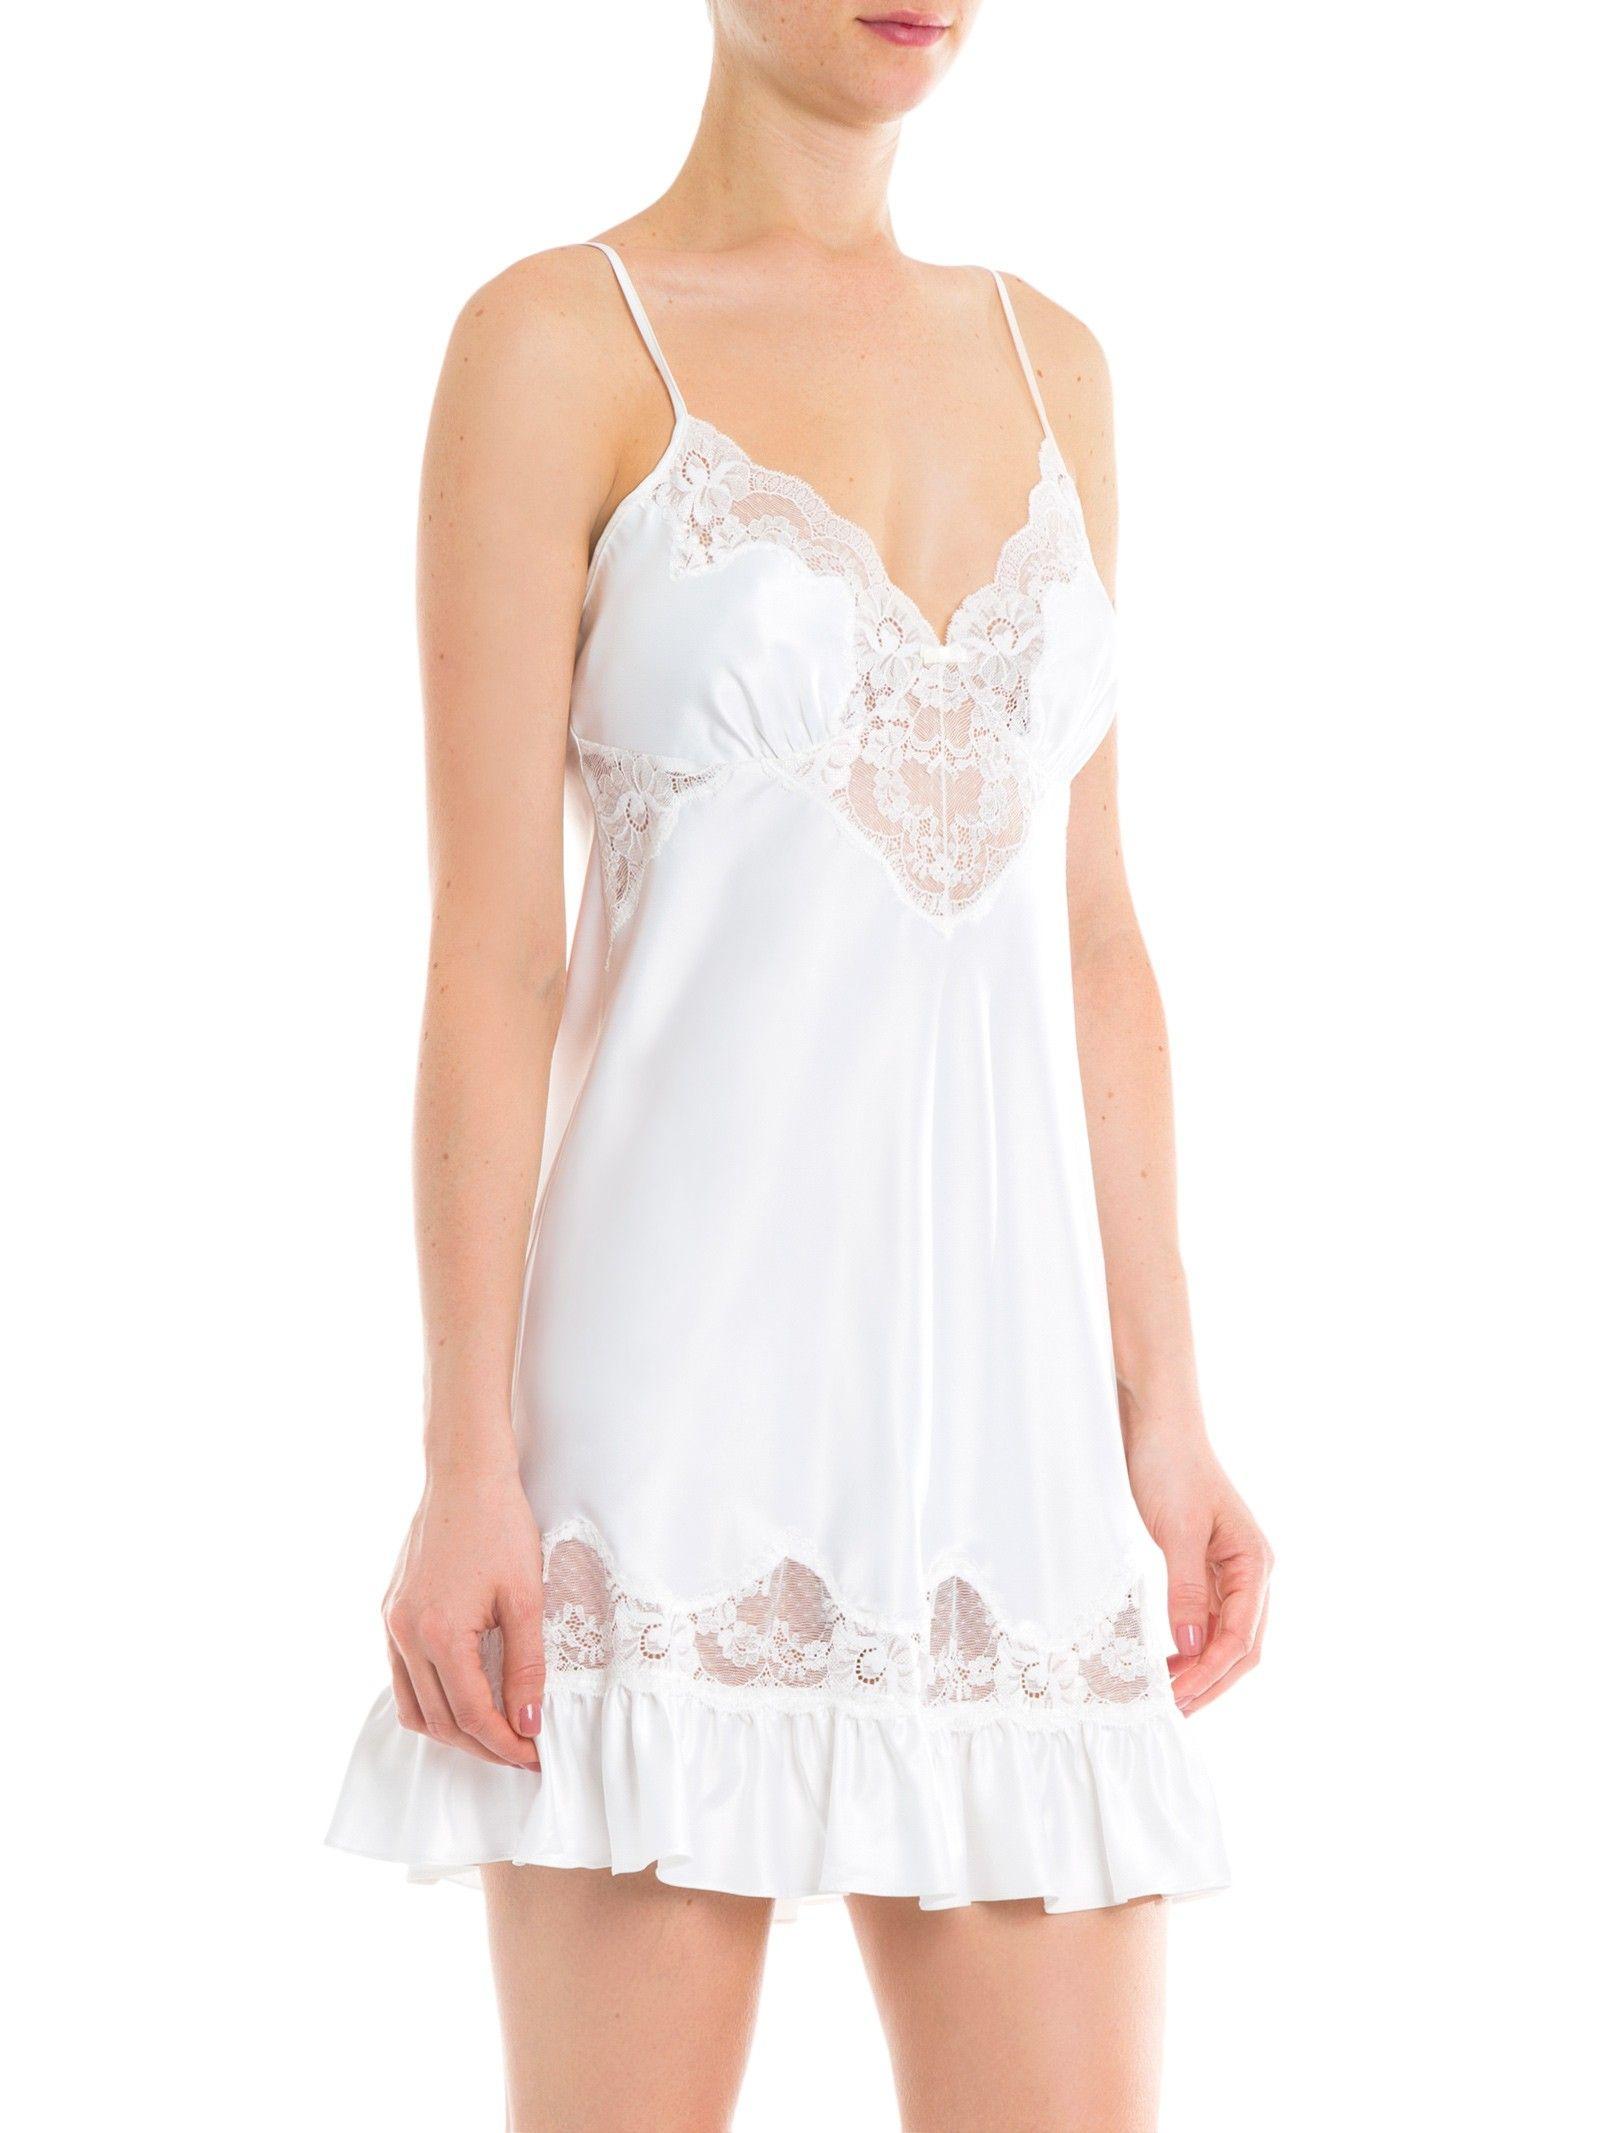 bd8585d2e Camisola Curta Bouquet - Off White - La Rouge Belle - Shop2gether ...